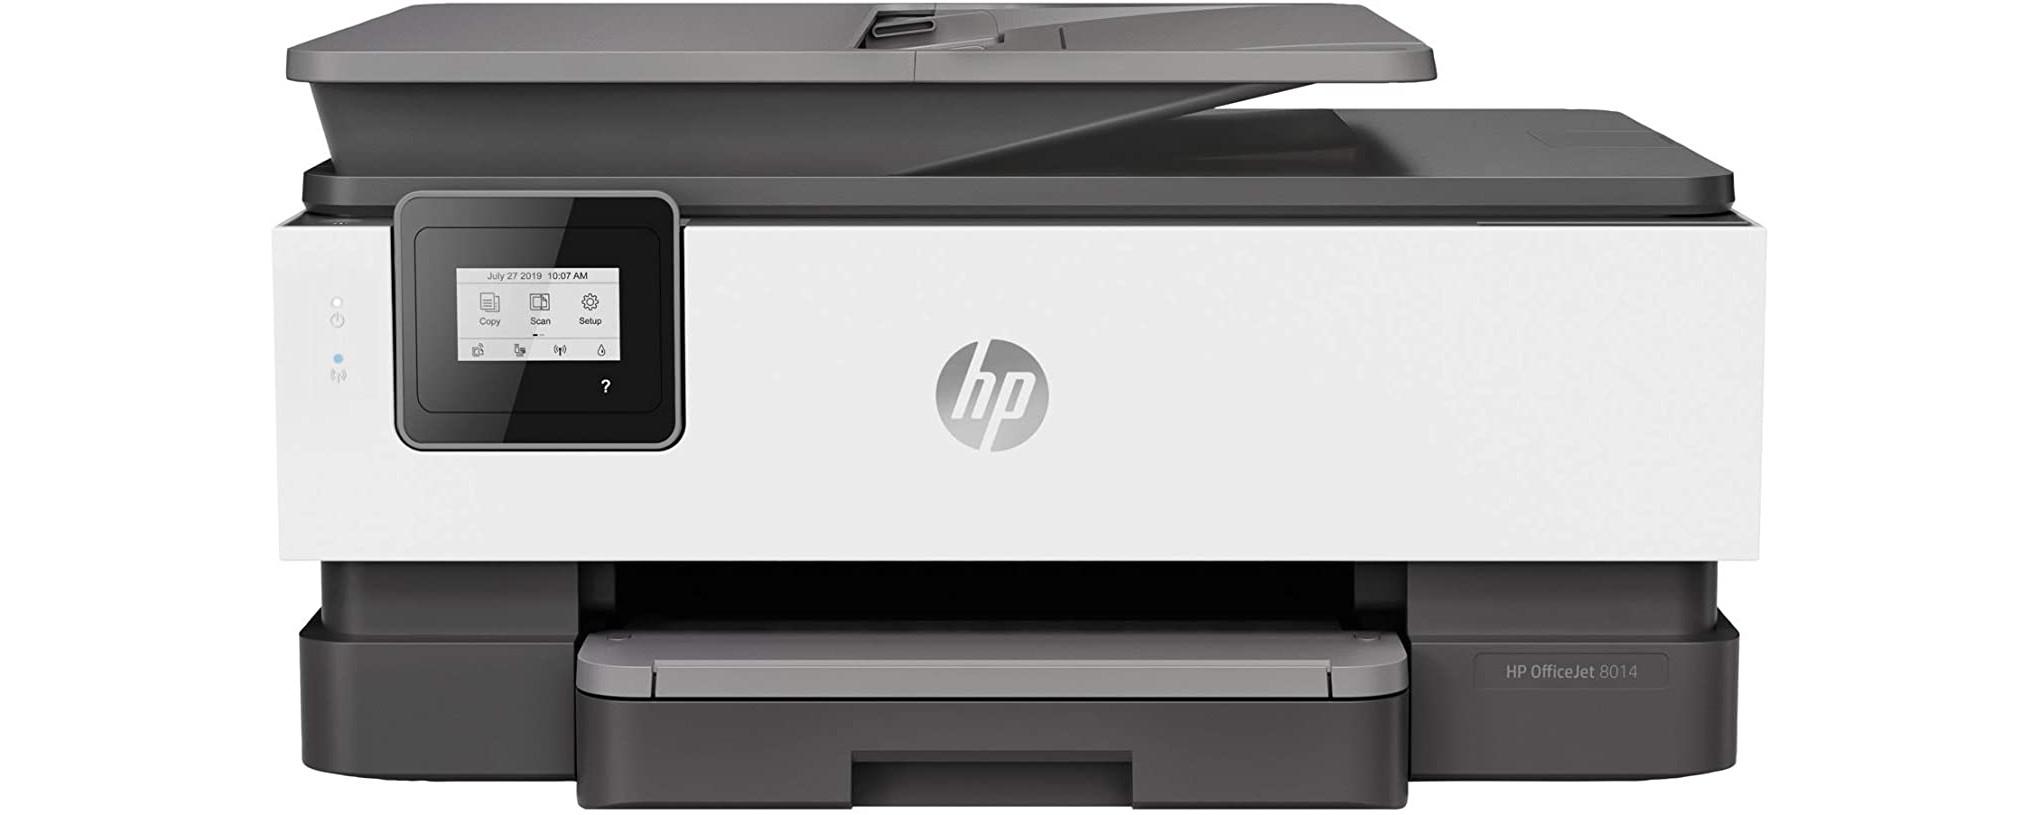 Cartuchos HP OfficeJet 8014